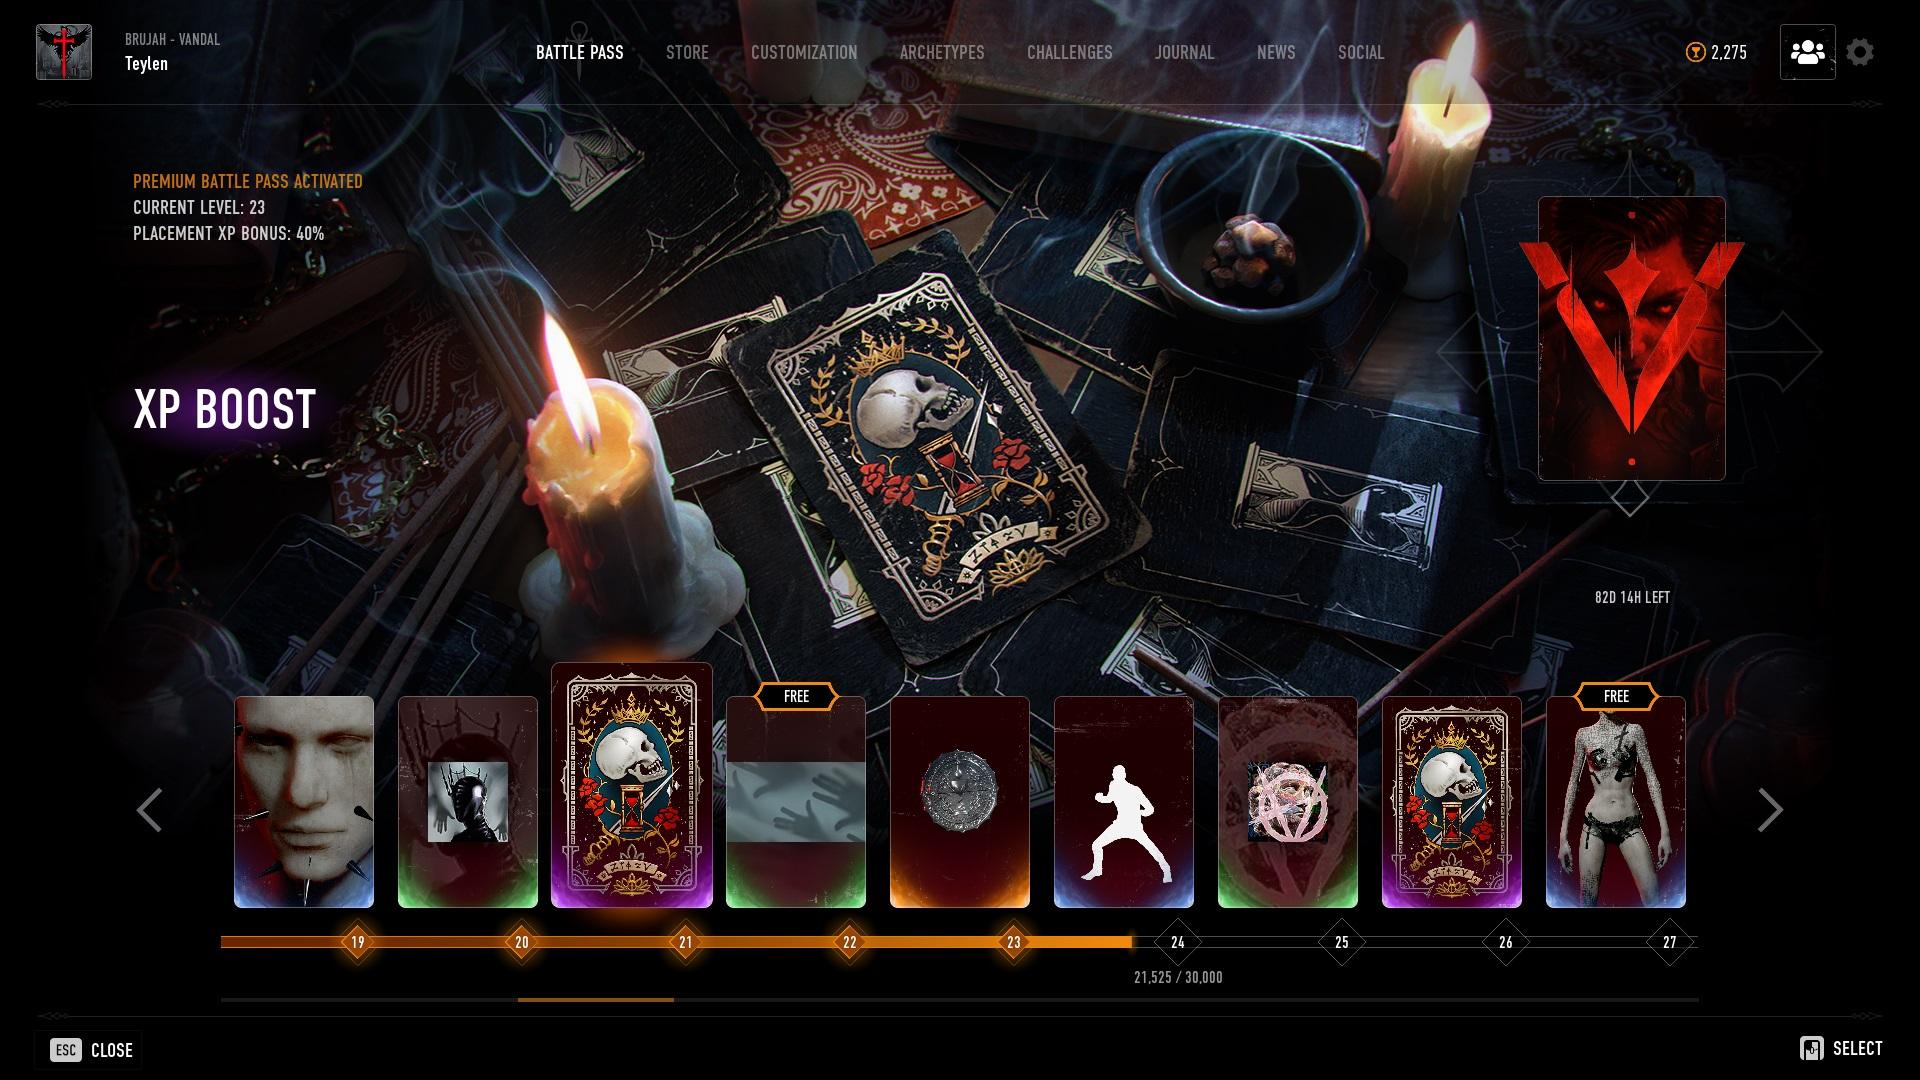 Bloodhunt - Battle Pass - (Der Battle Pass umfasst 84 Stunden und ist aktuell bei 83)